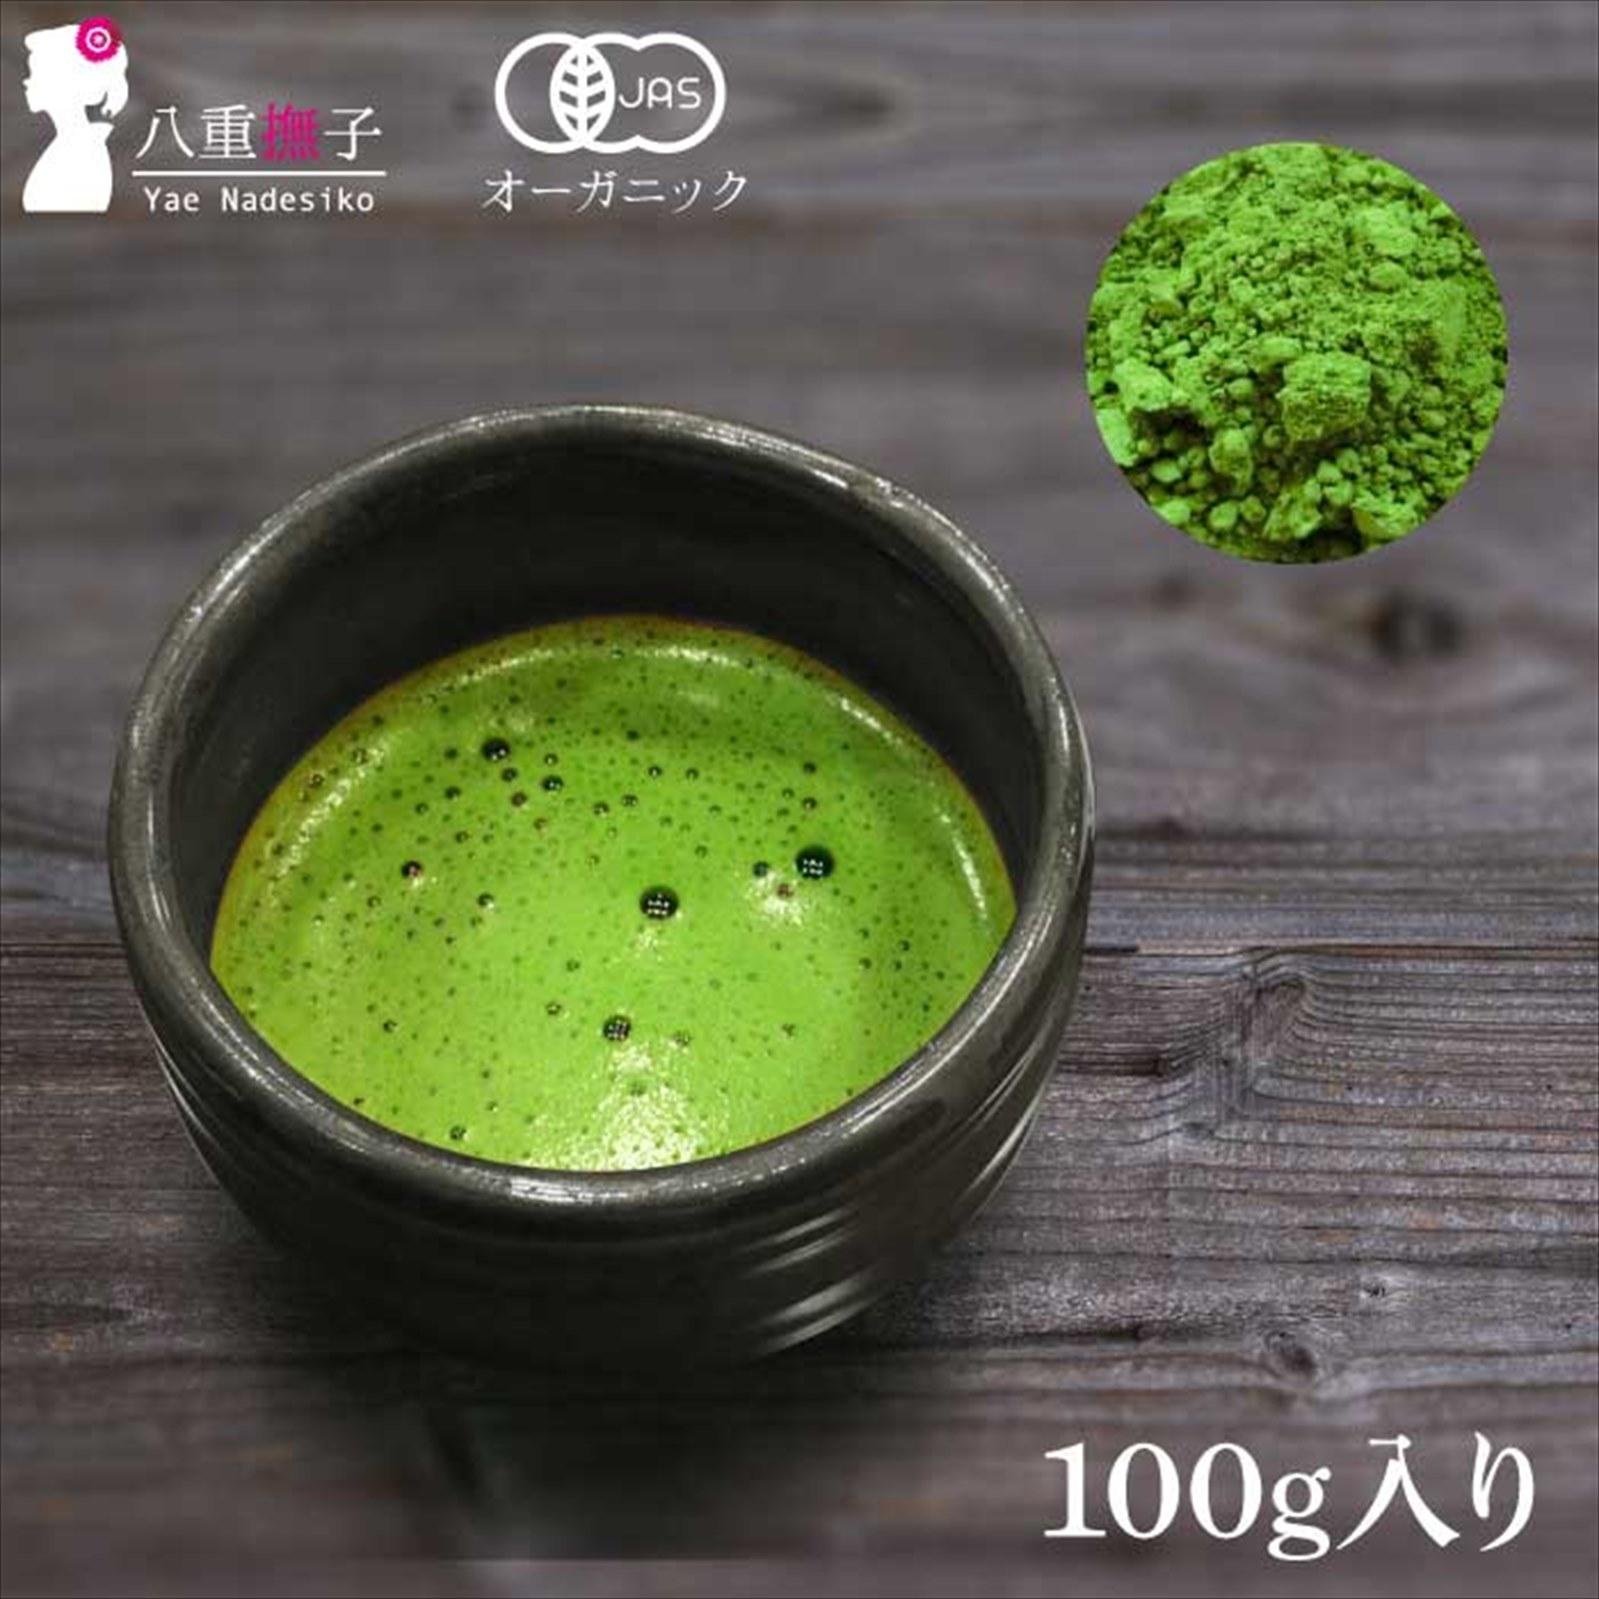 オーガニック抹茶粉末100g入り 農薬不使用、化学肥料不使用の有機栽培茶葉から作った有機抹茶粉末!送料無料